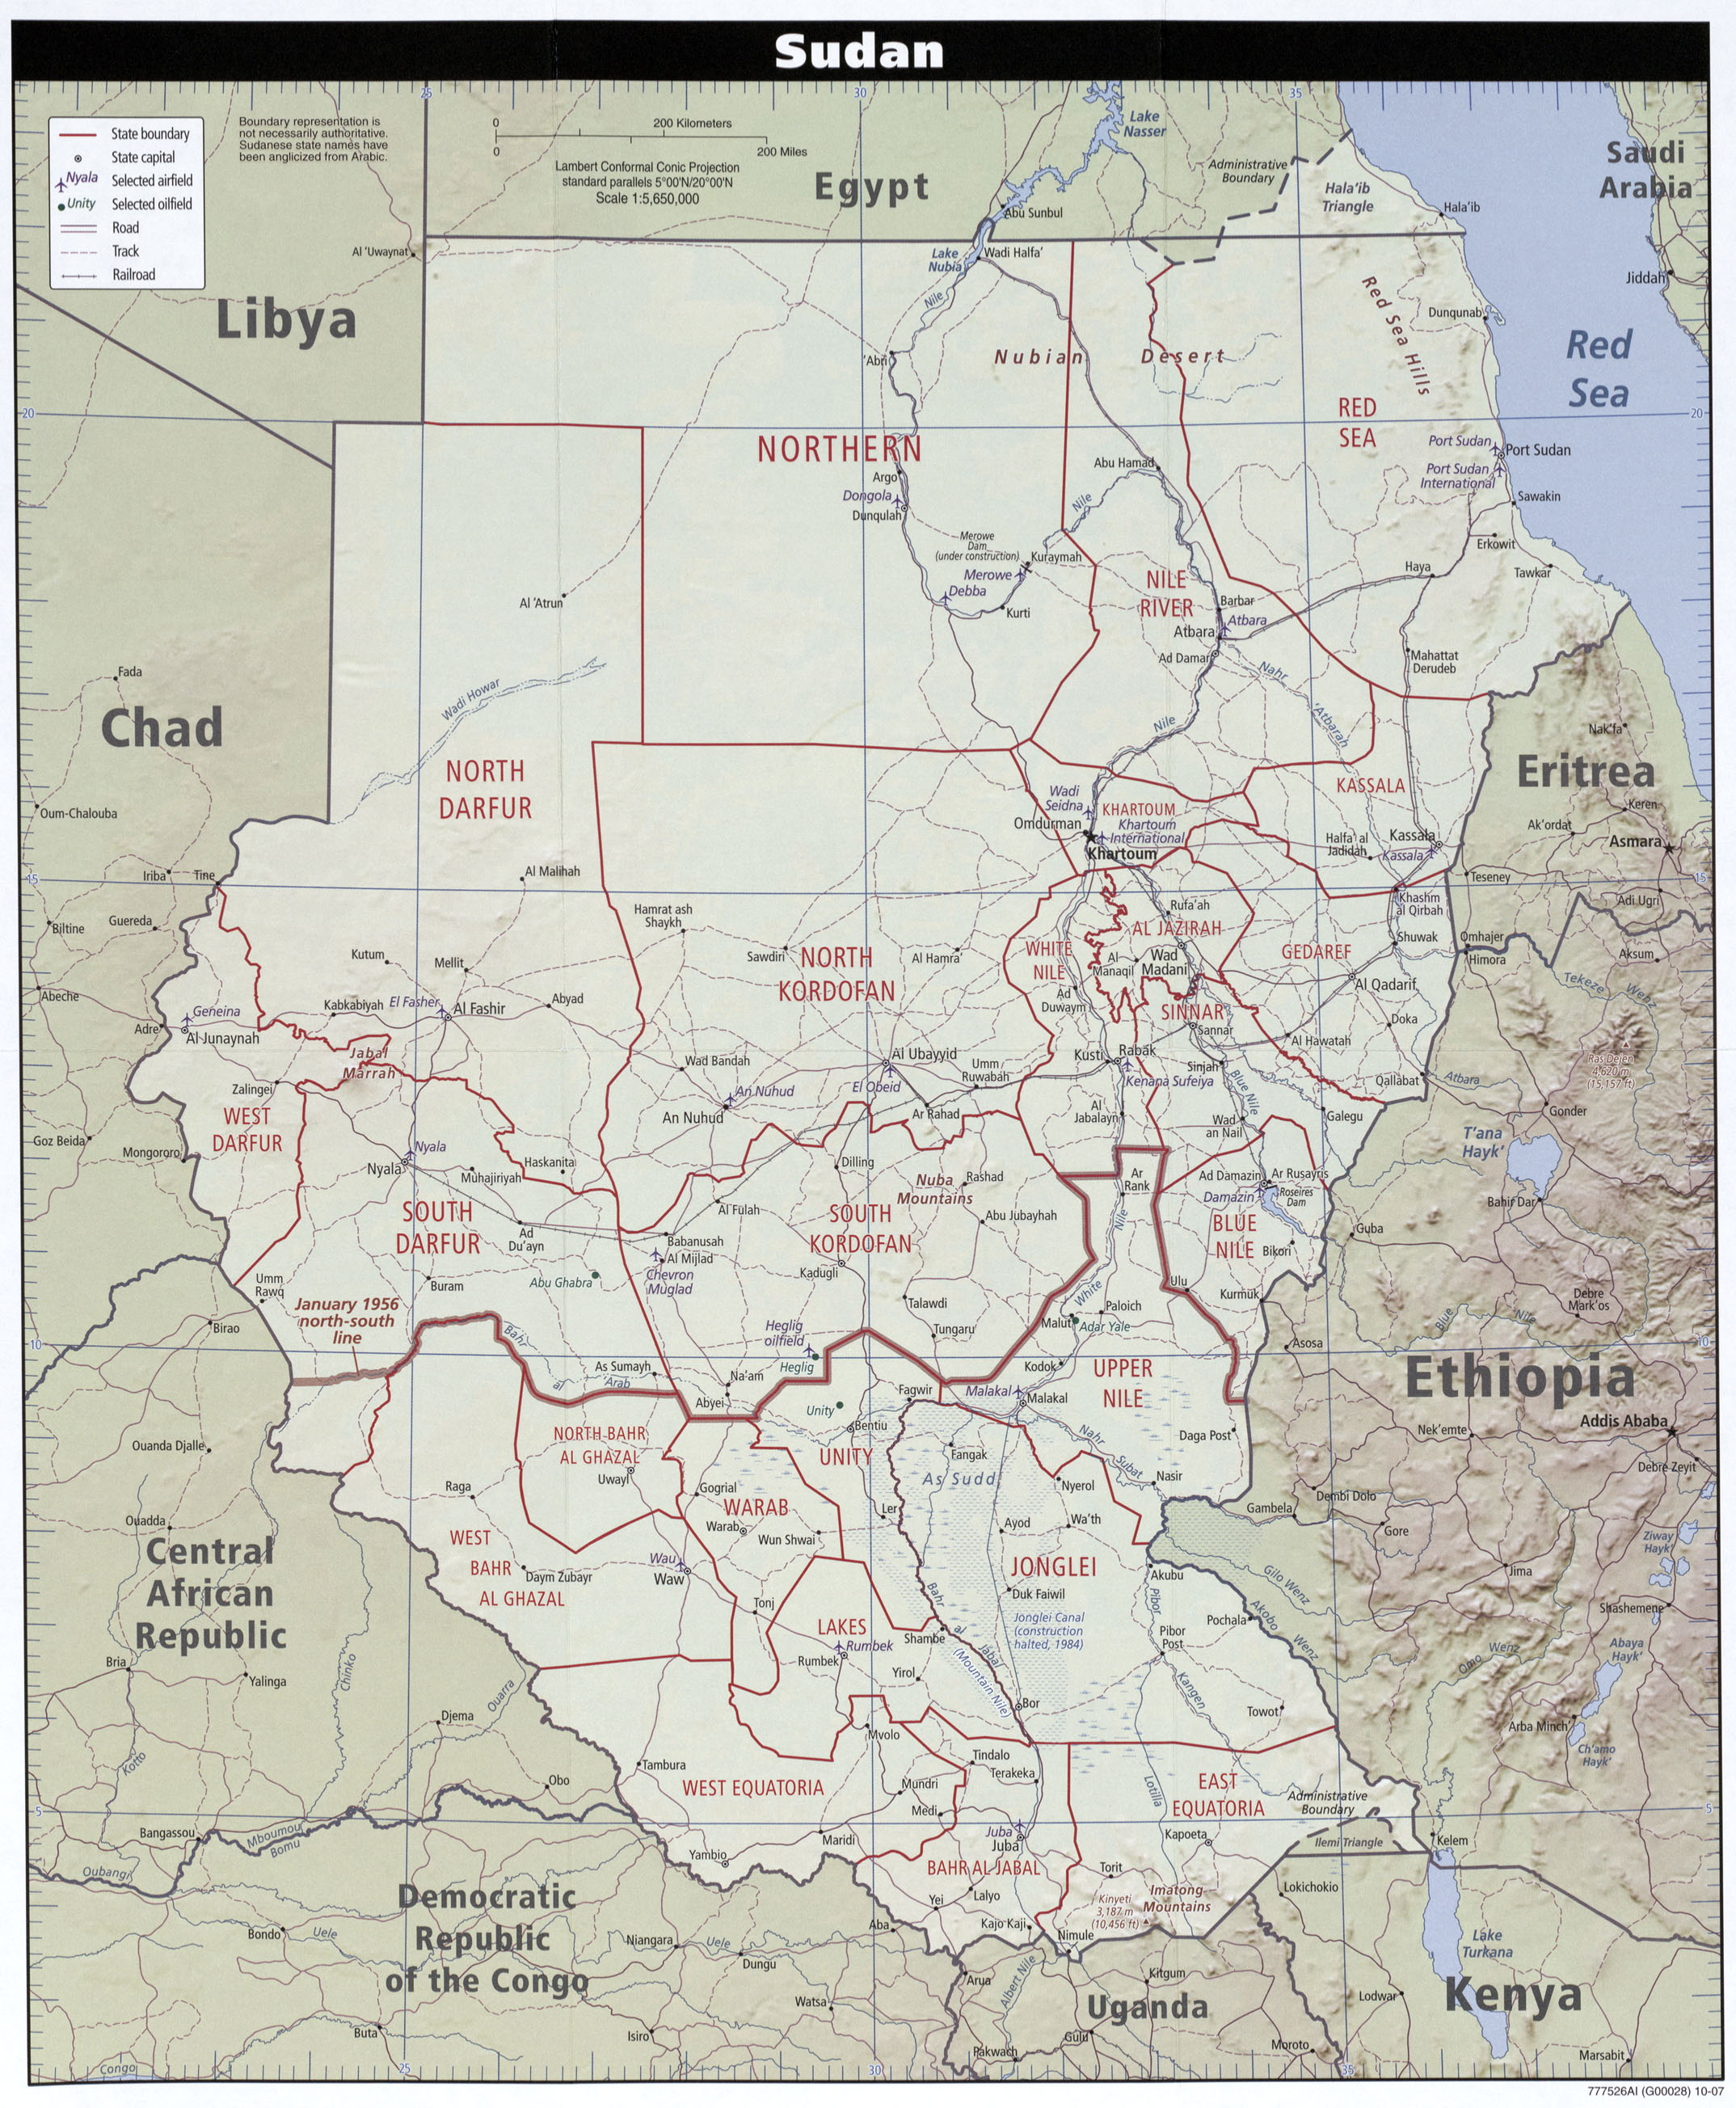 Download Free Sudan Darfur Maps